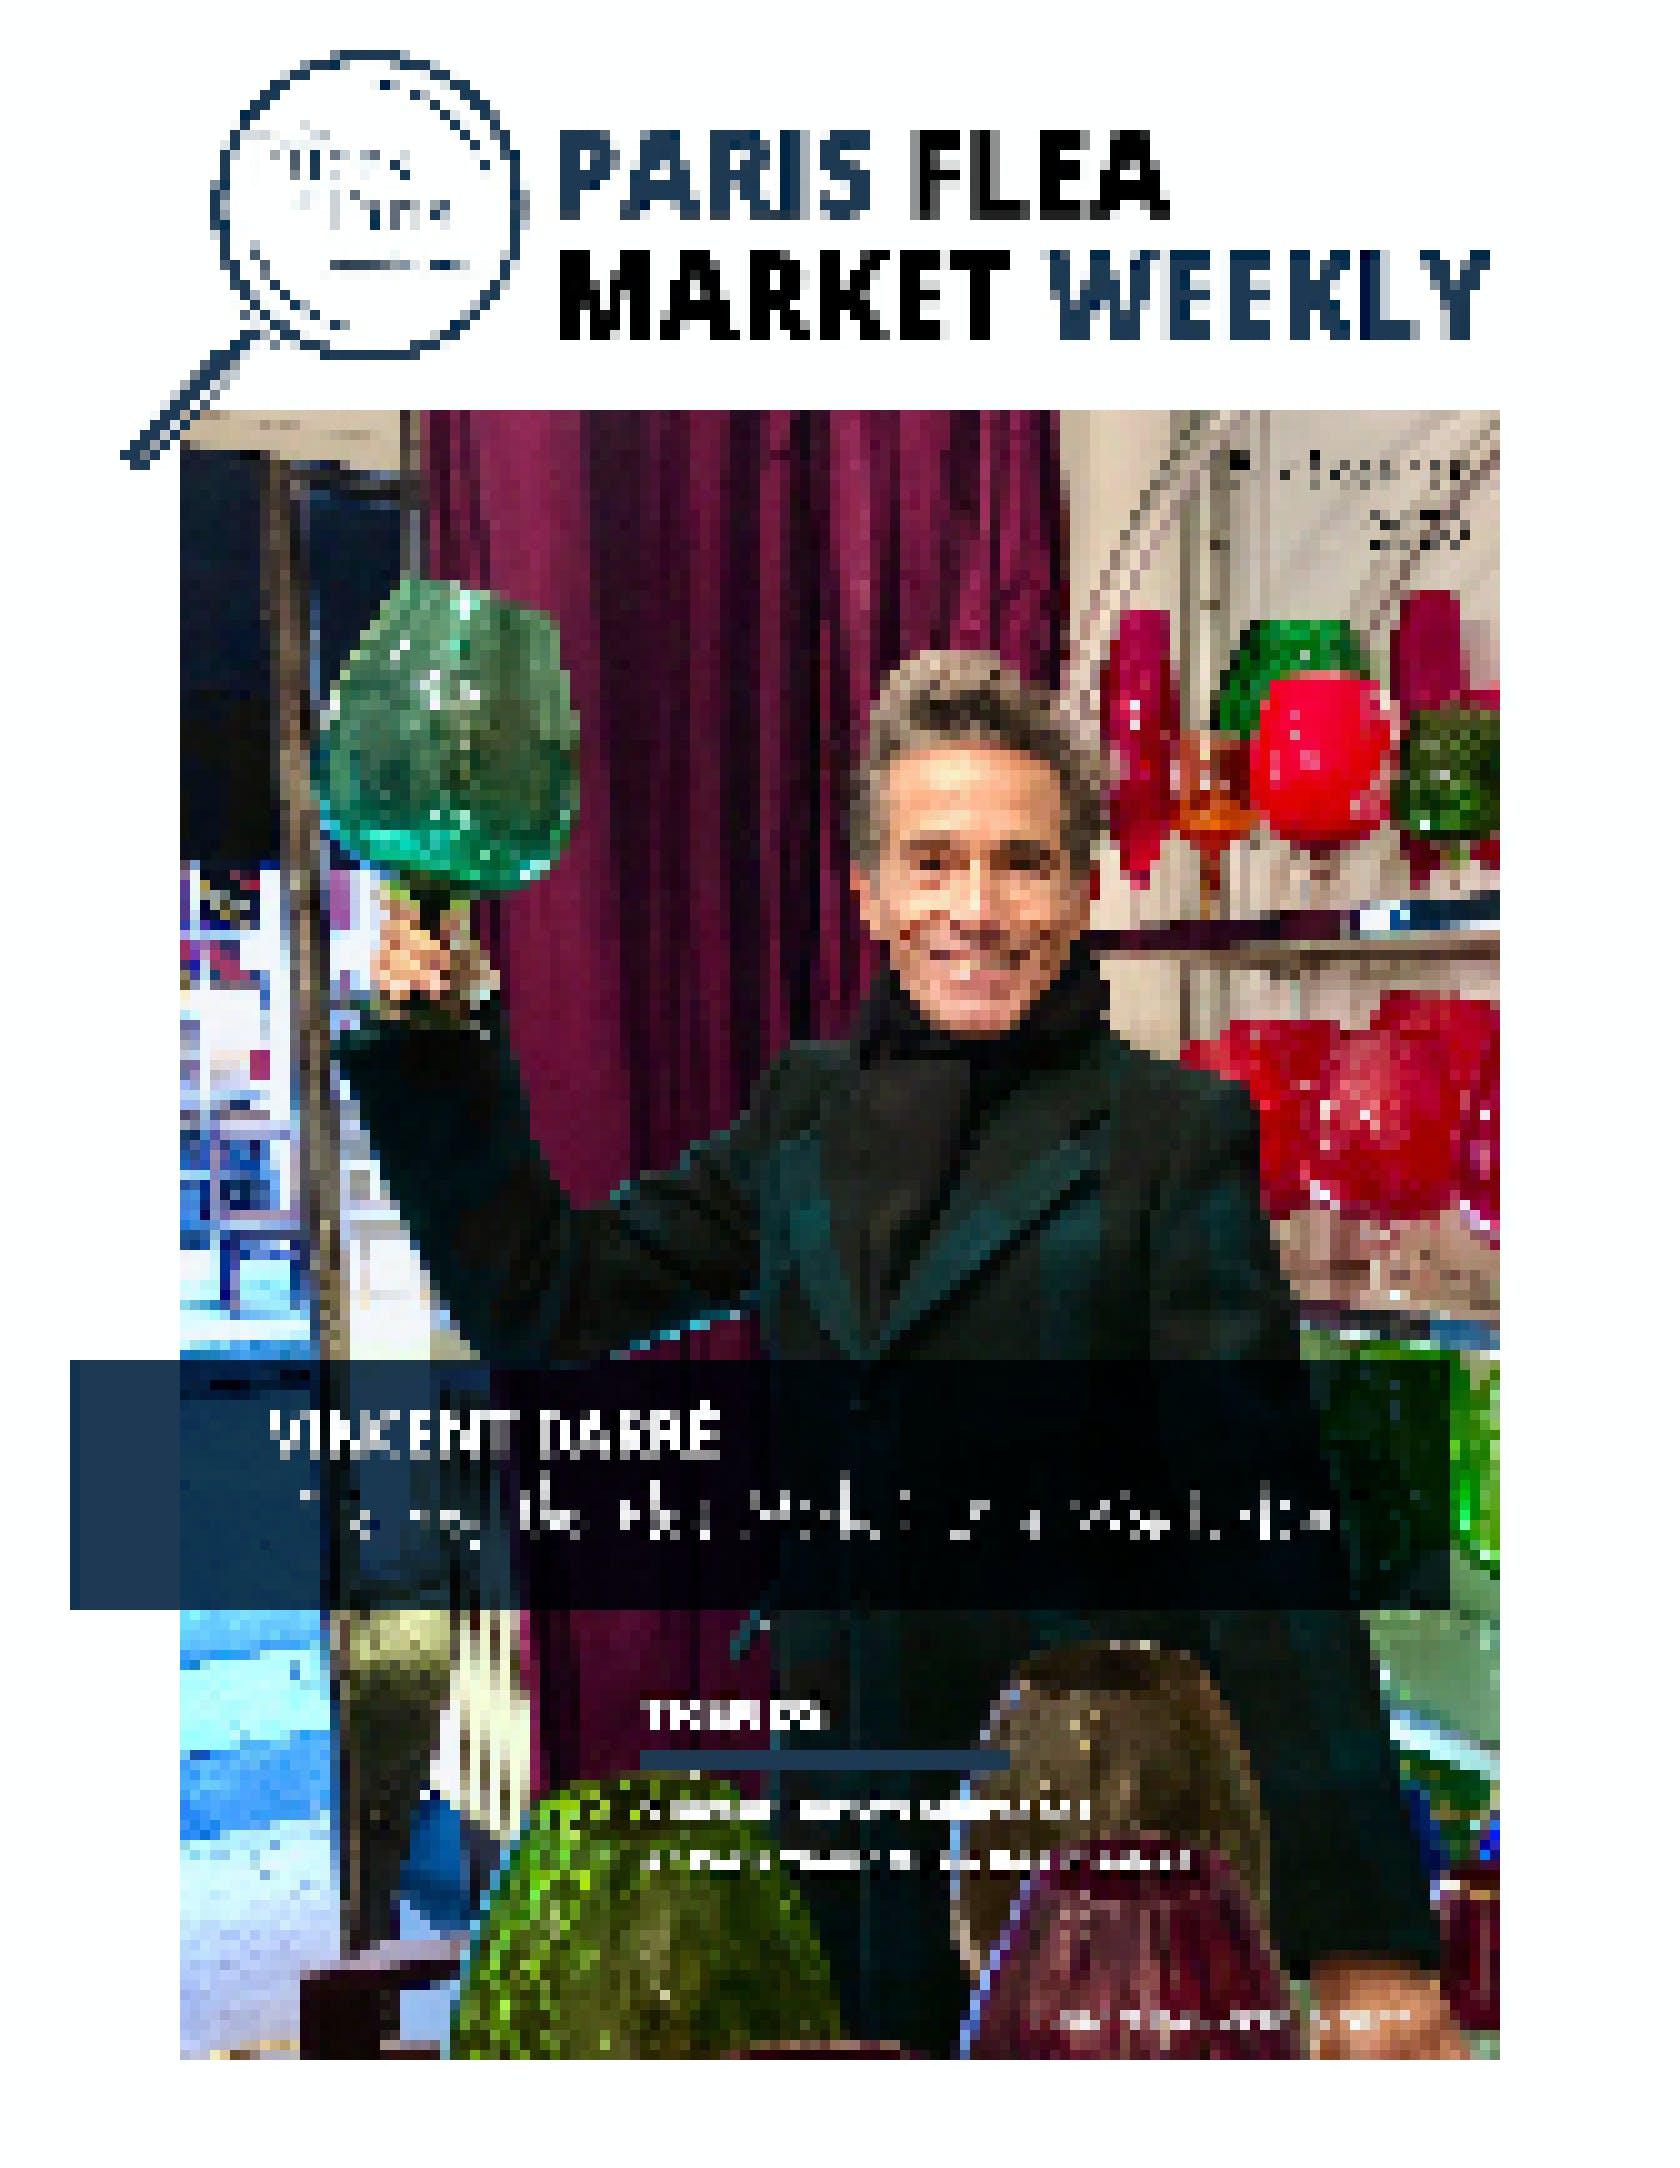 Paris Flea Market Weekly N°14 cover